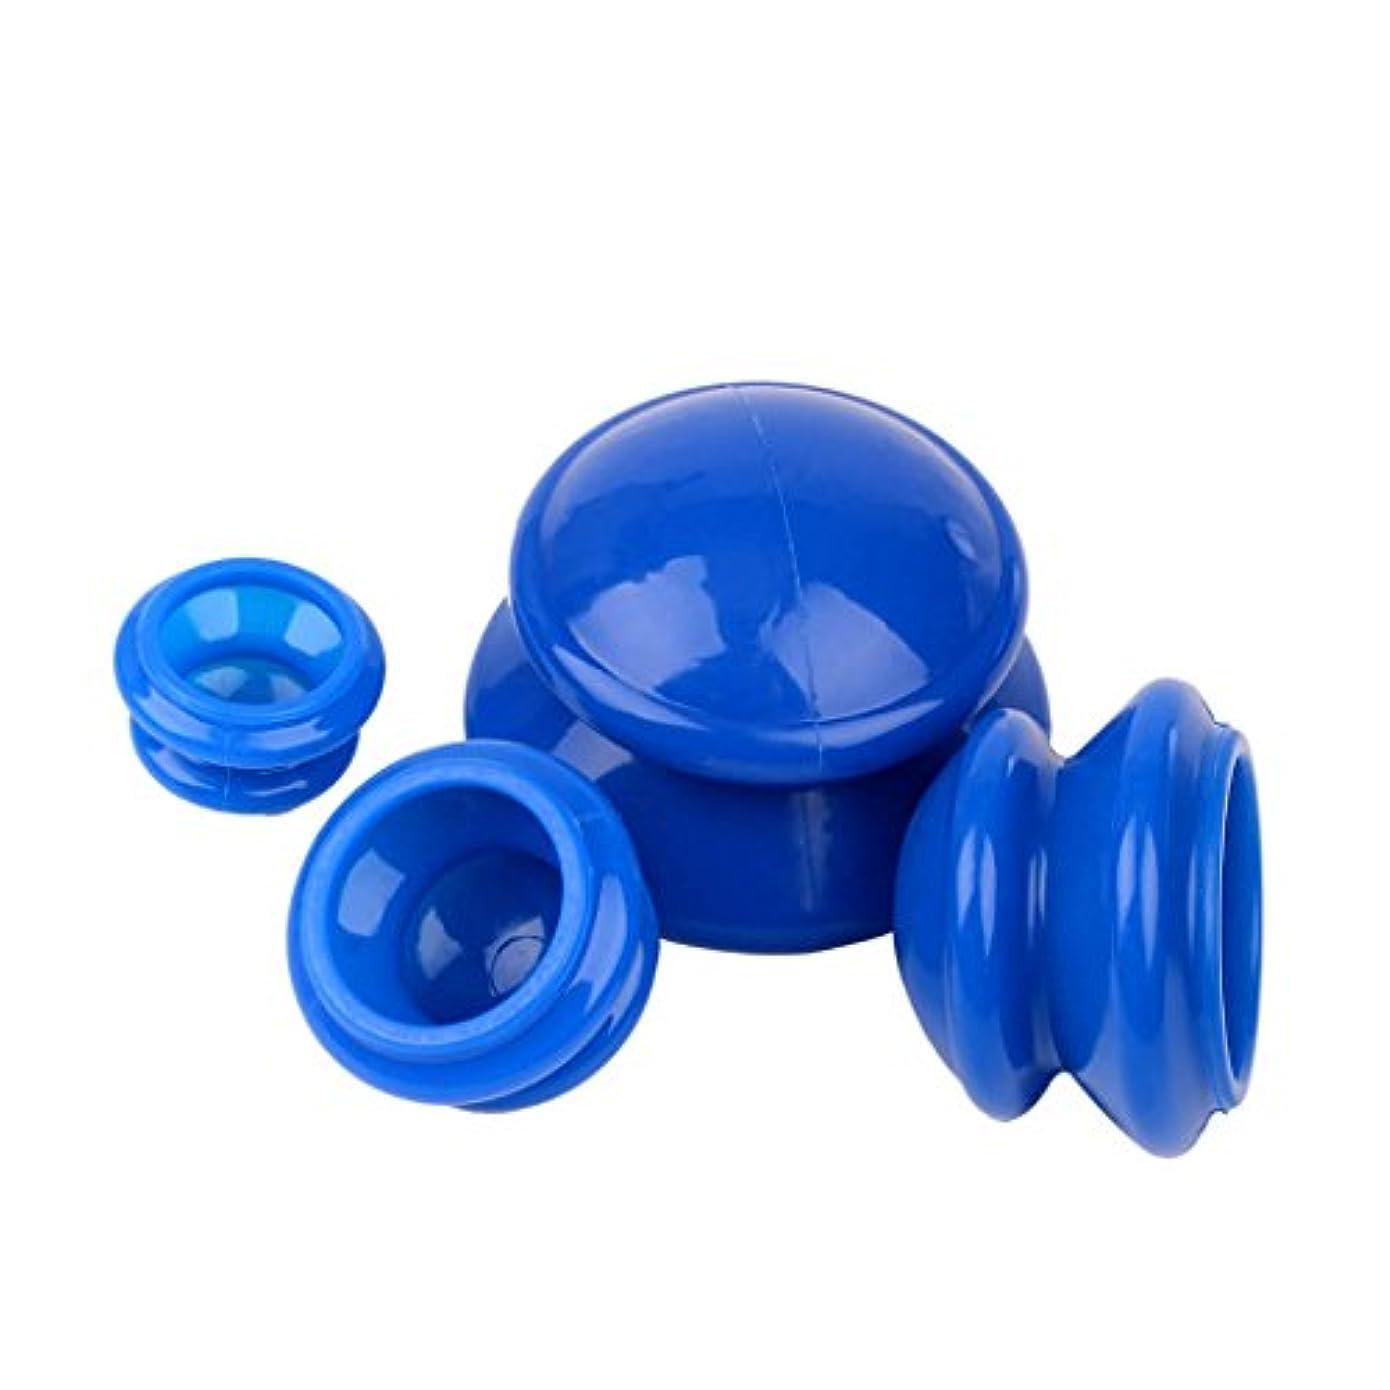 正確な固有の悪夢(inkint)マッサージ 吸い玉 カッピングカップ 4個セット バキュームカップ シリコーン製吸い玉 ネック 顔全身マッサージ フィットネスケア 血流促進 マッサージャー ブルー